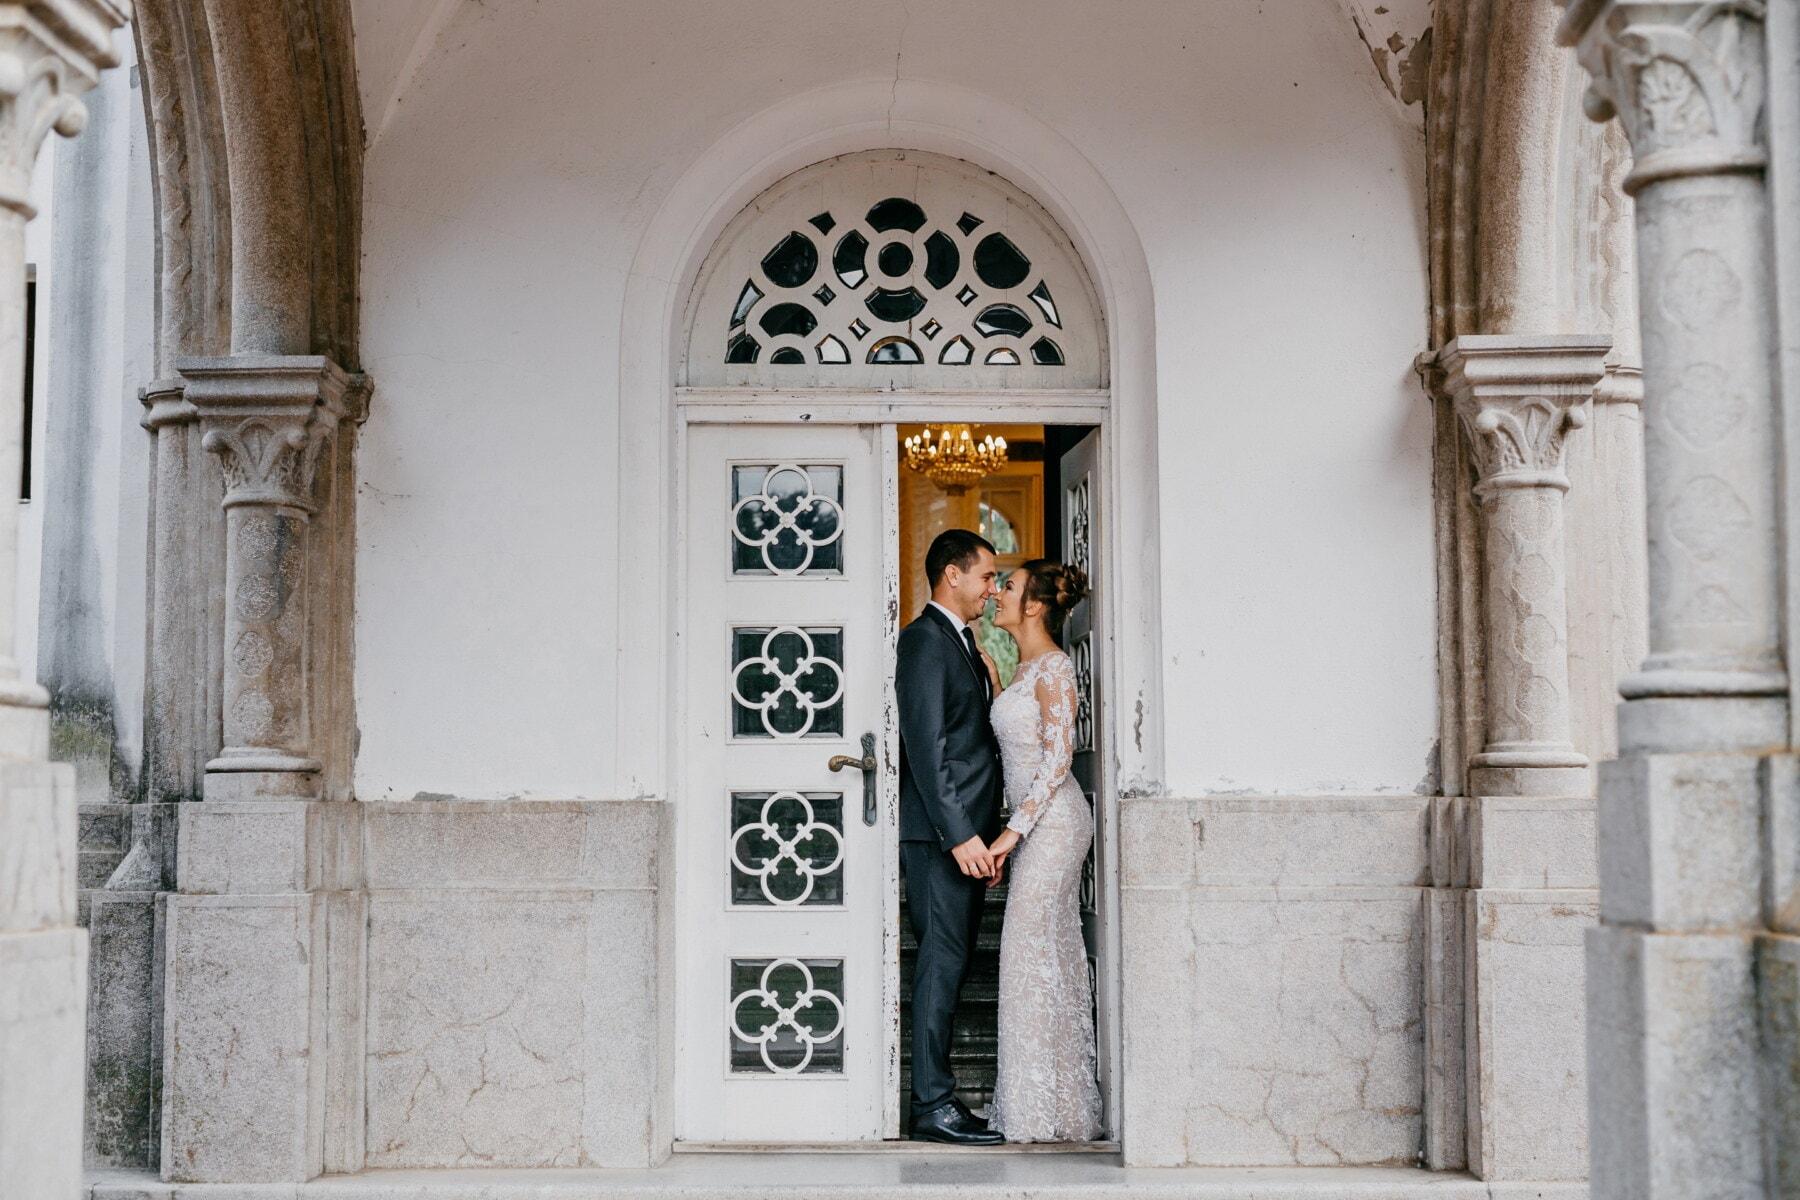 Ehefrau, Mann, Veranda, stehende, vor der Tür, Tür, Architektur, Gebäude, Fenster, gotisch